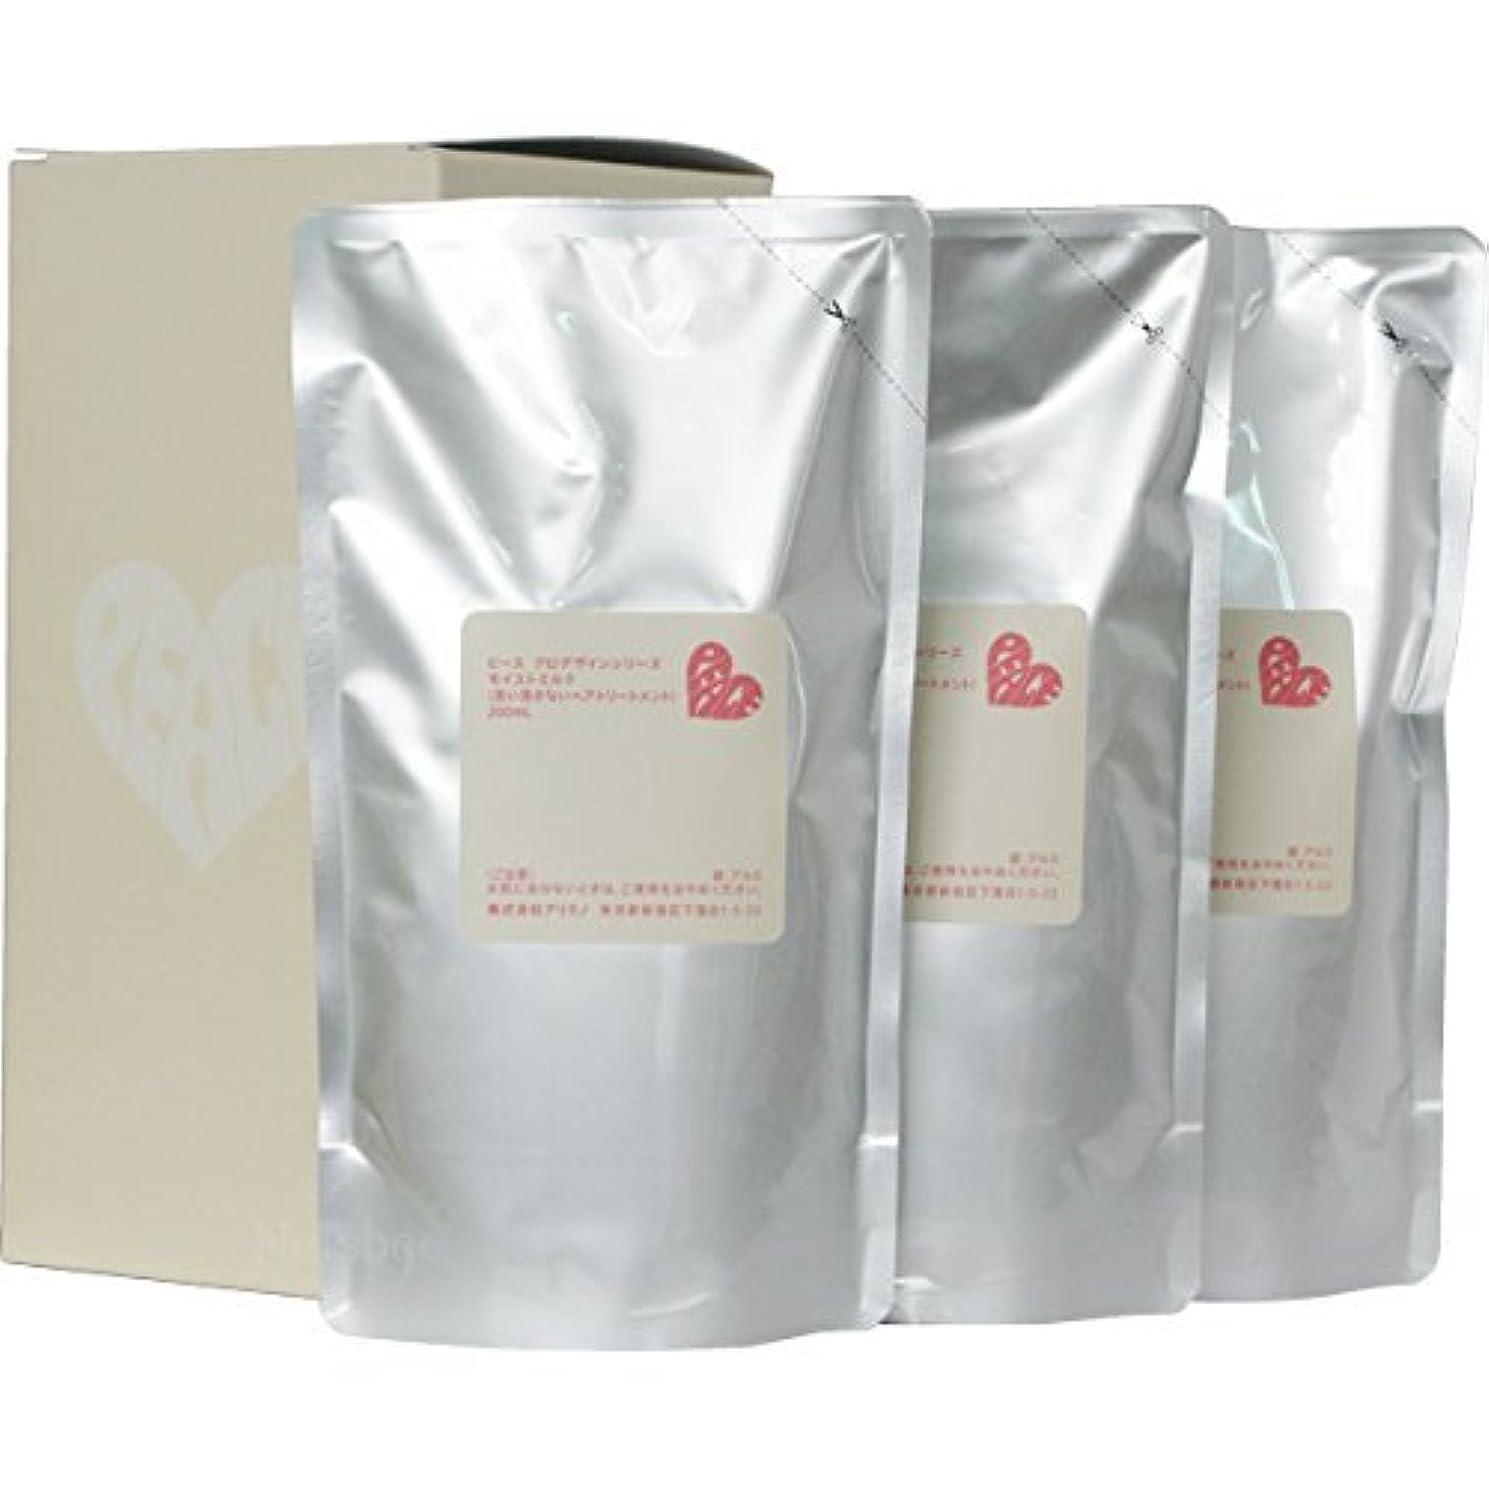 フロンティア錫絵ピース プロデザインシリーズ モイストミルク バニラ リフィル 200ml×3